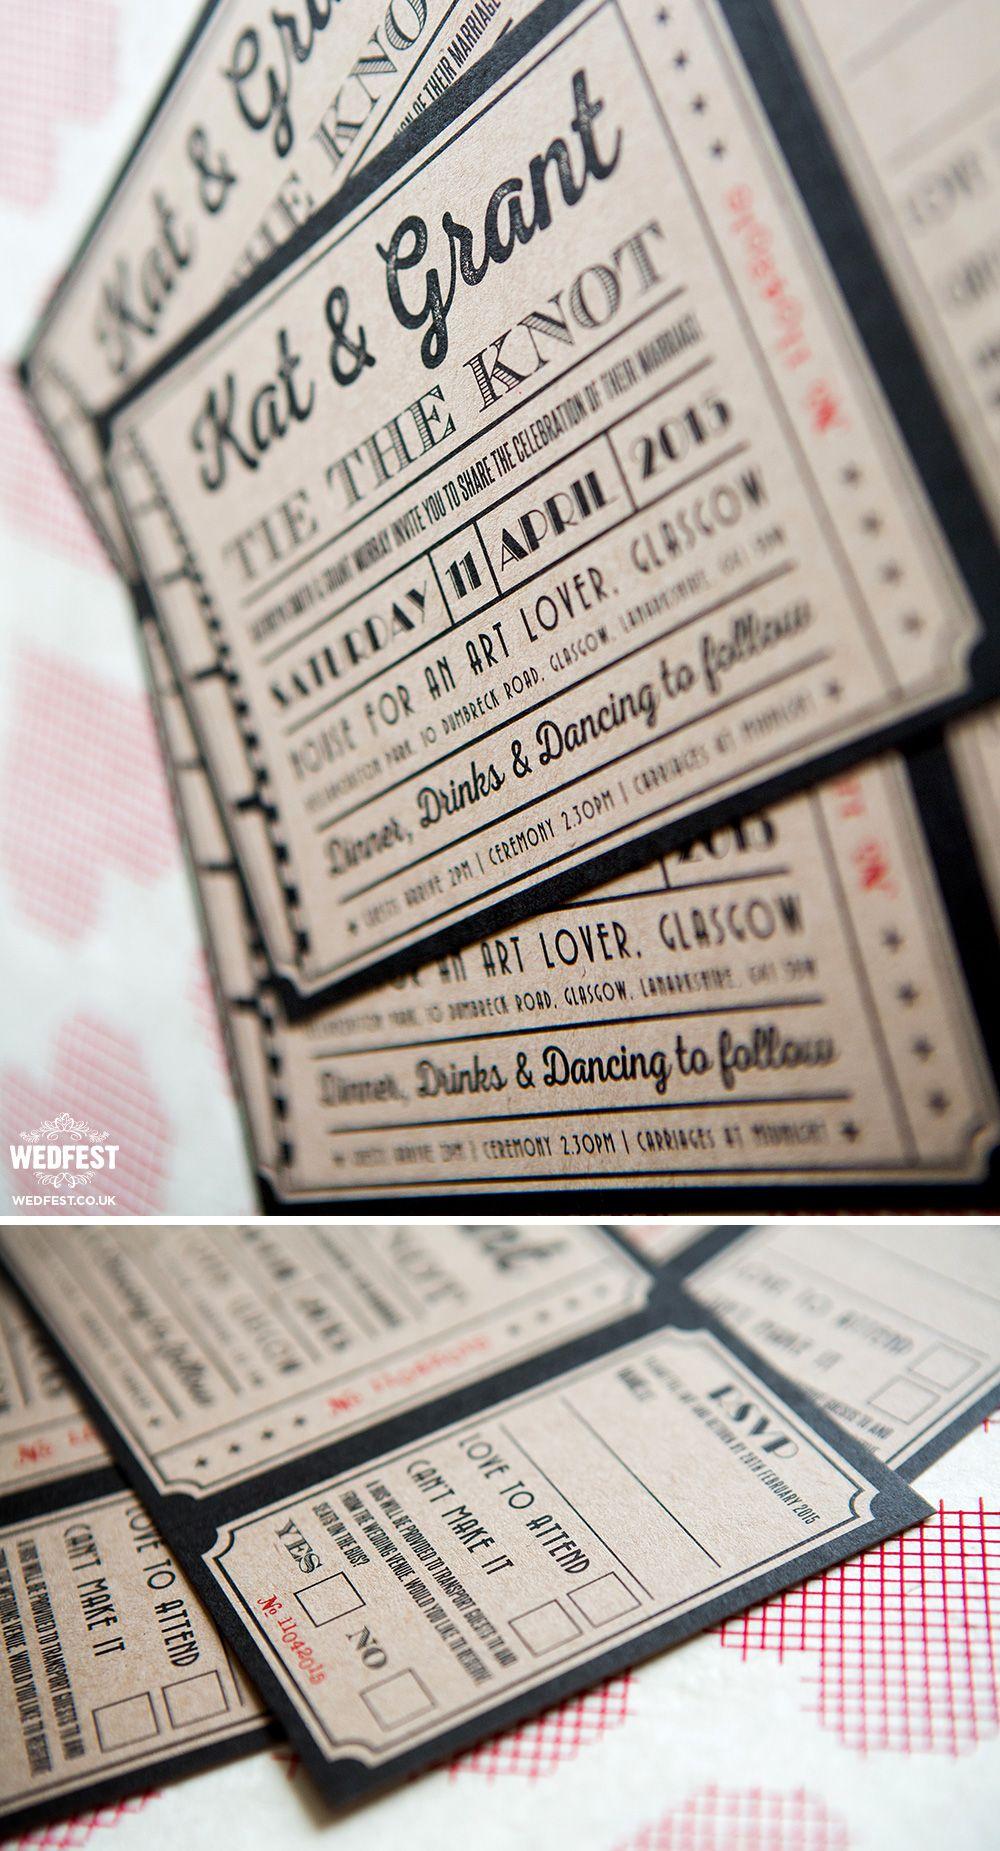 movie ticket stub wedding invitation%0A Vintage Cinema Ticket Wedding Invites  After seeing ticket wedding  inviteswe had designed the bride asked could we design a vintage cinema  ticket wedding